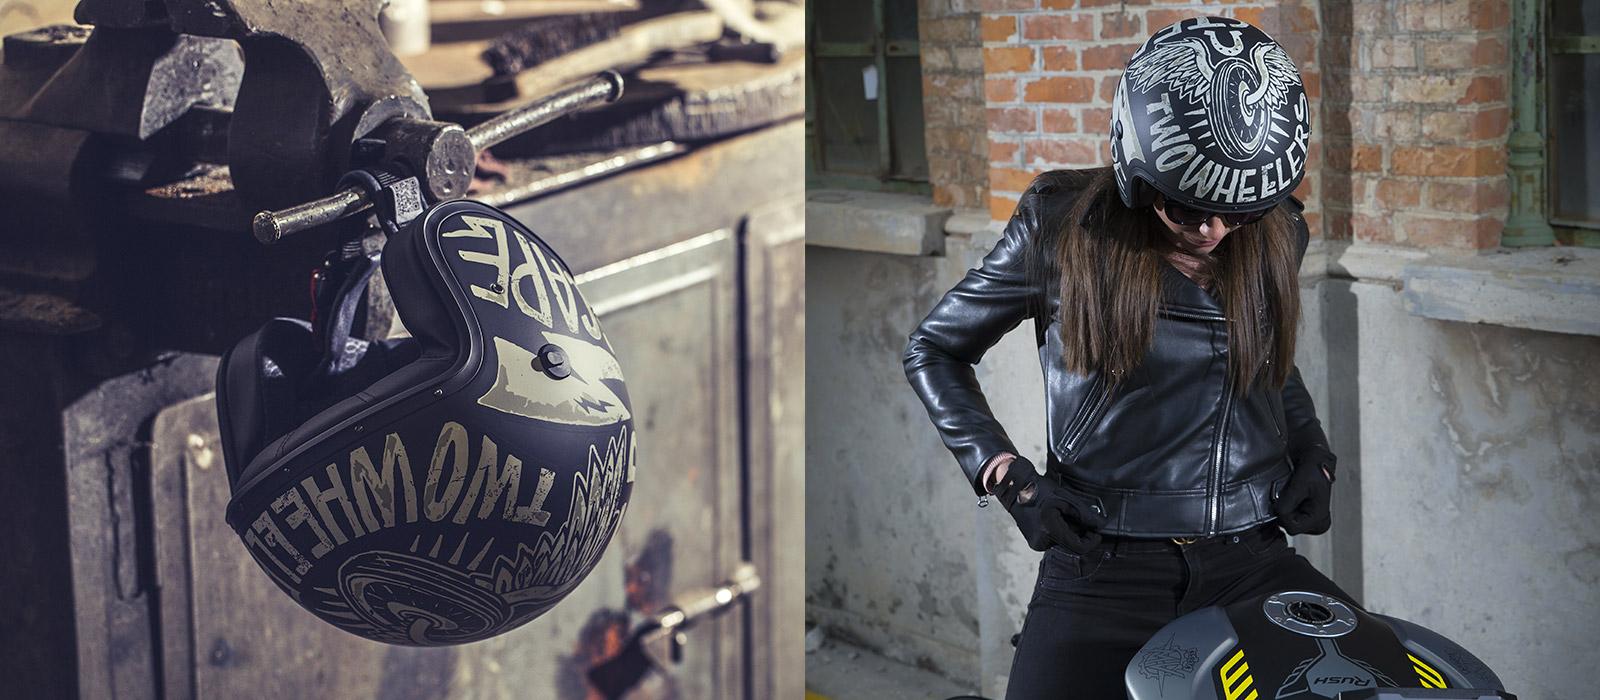 Caberg Freeride helmet characteristics